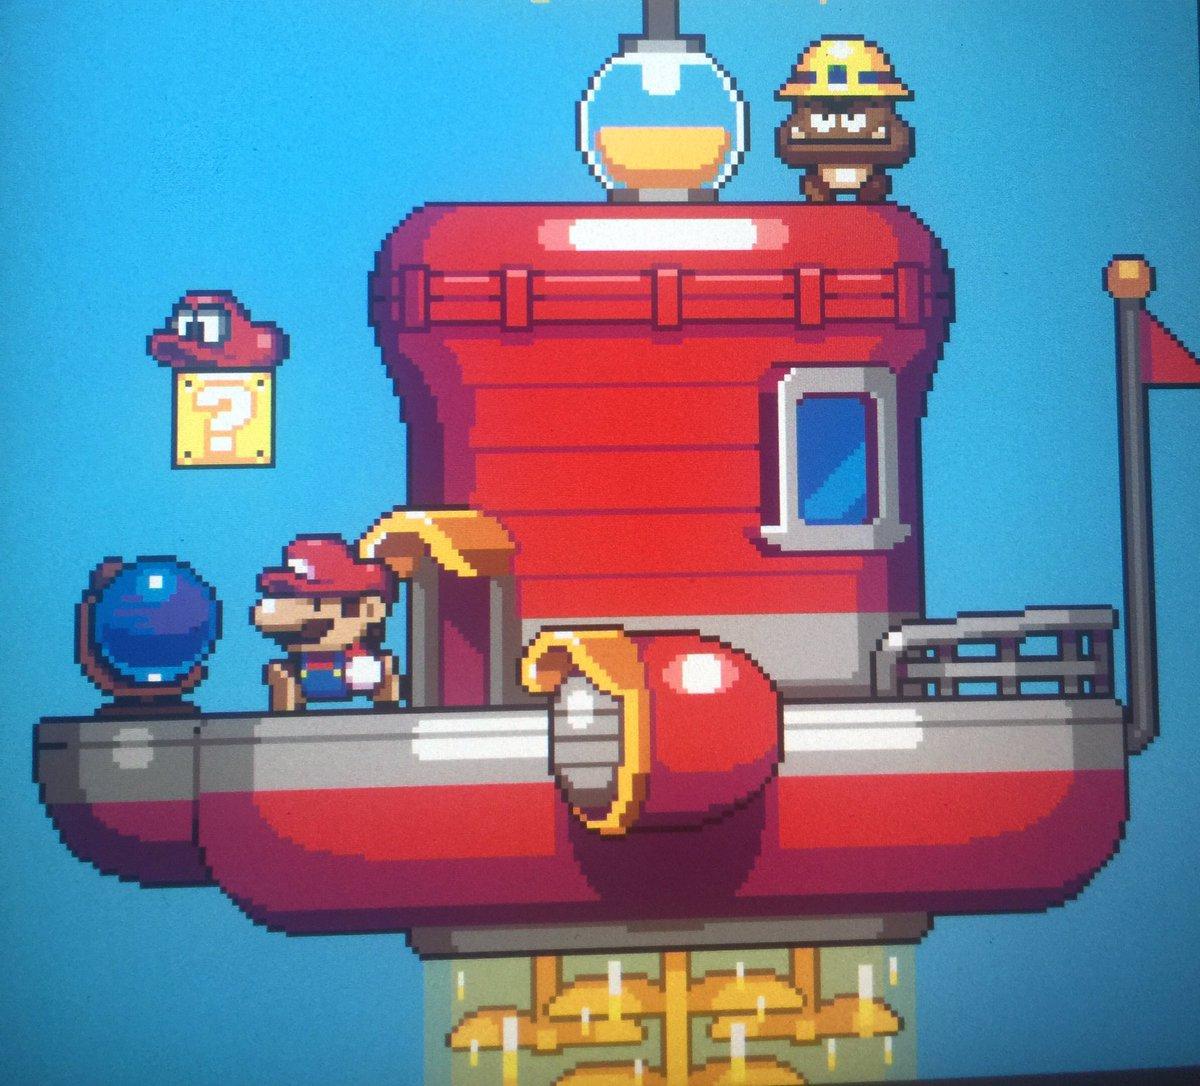 Mat Annal On Twitter Mario Odyssey In 2d Pixelart New